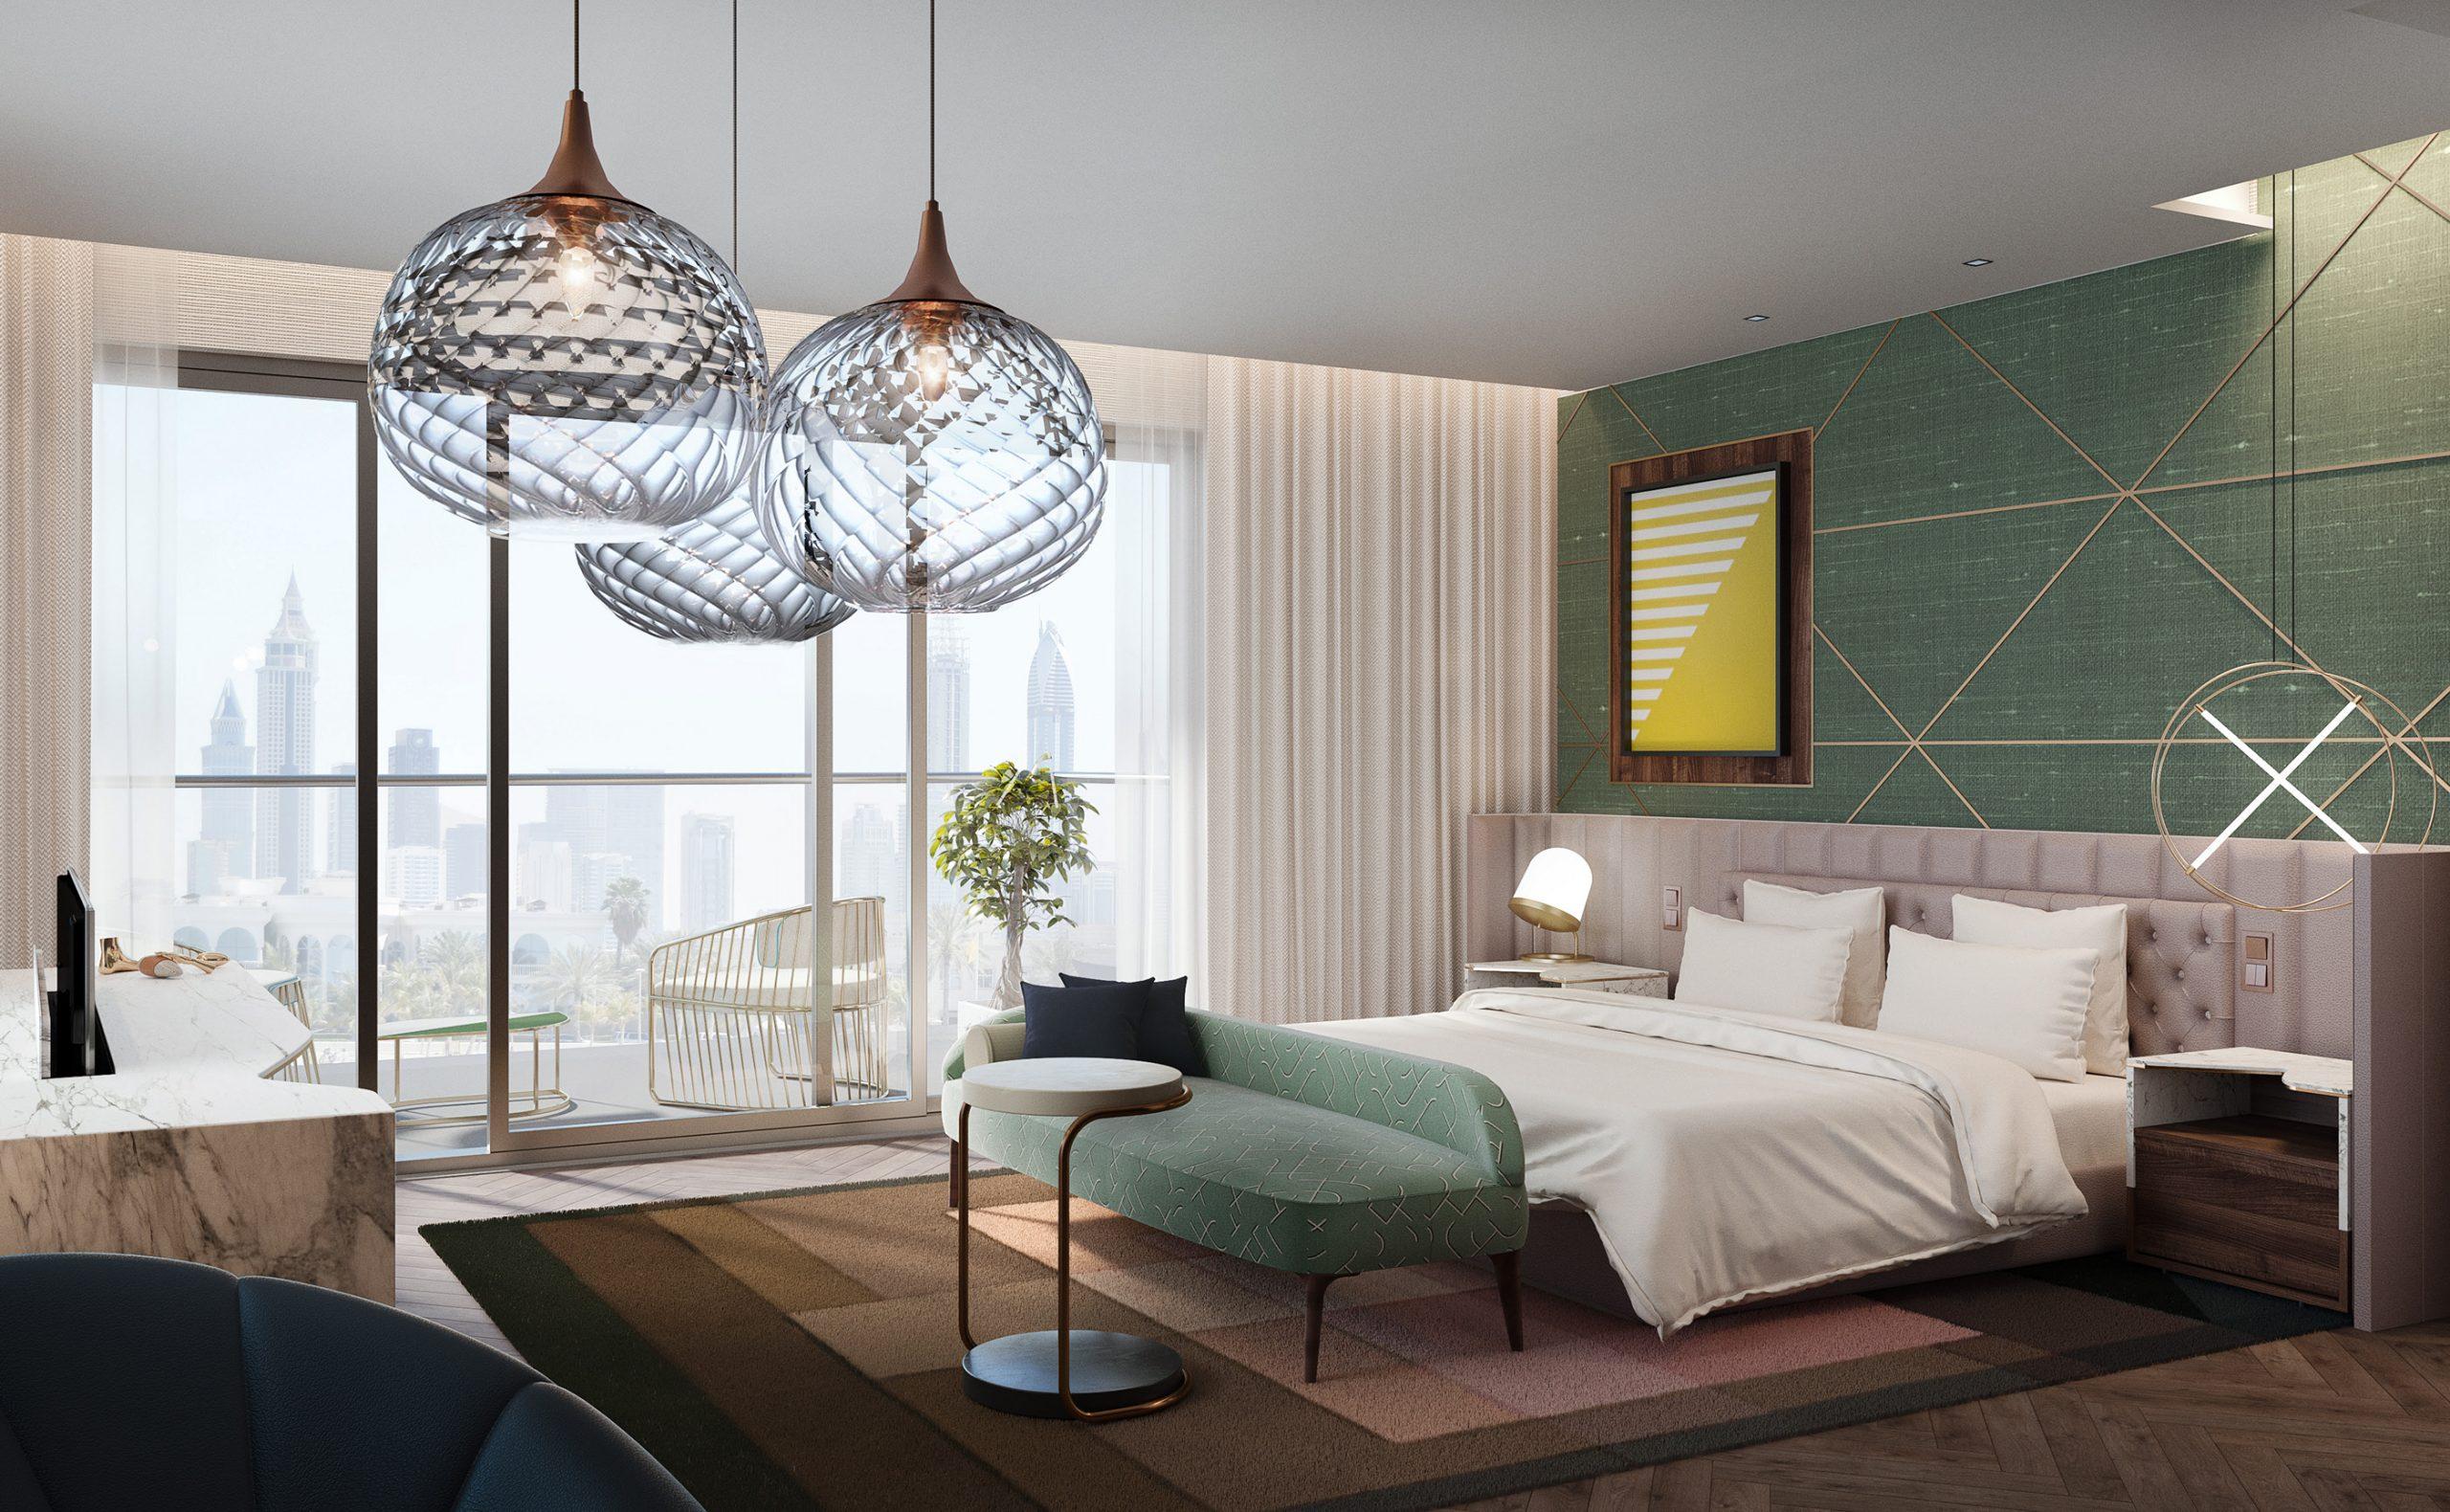 visualización arquitectónica de hotel en dubai